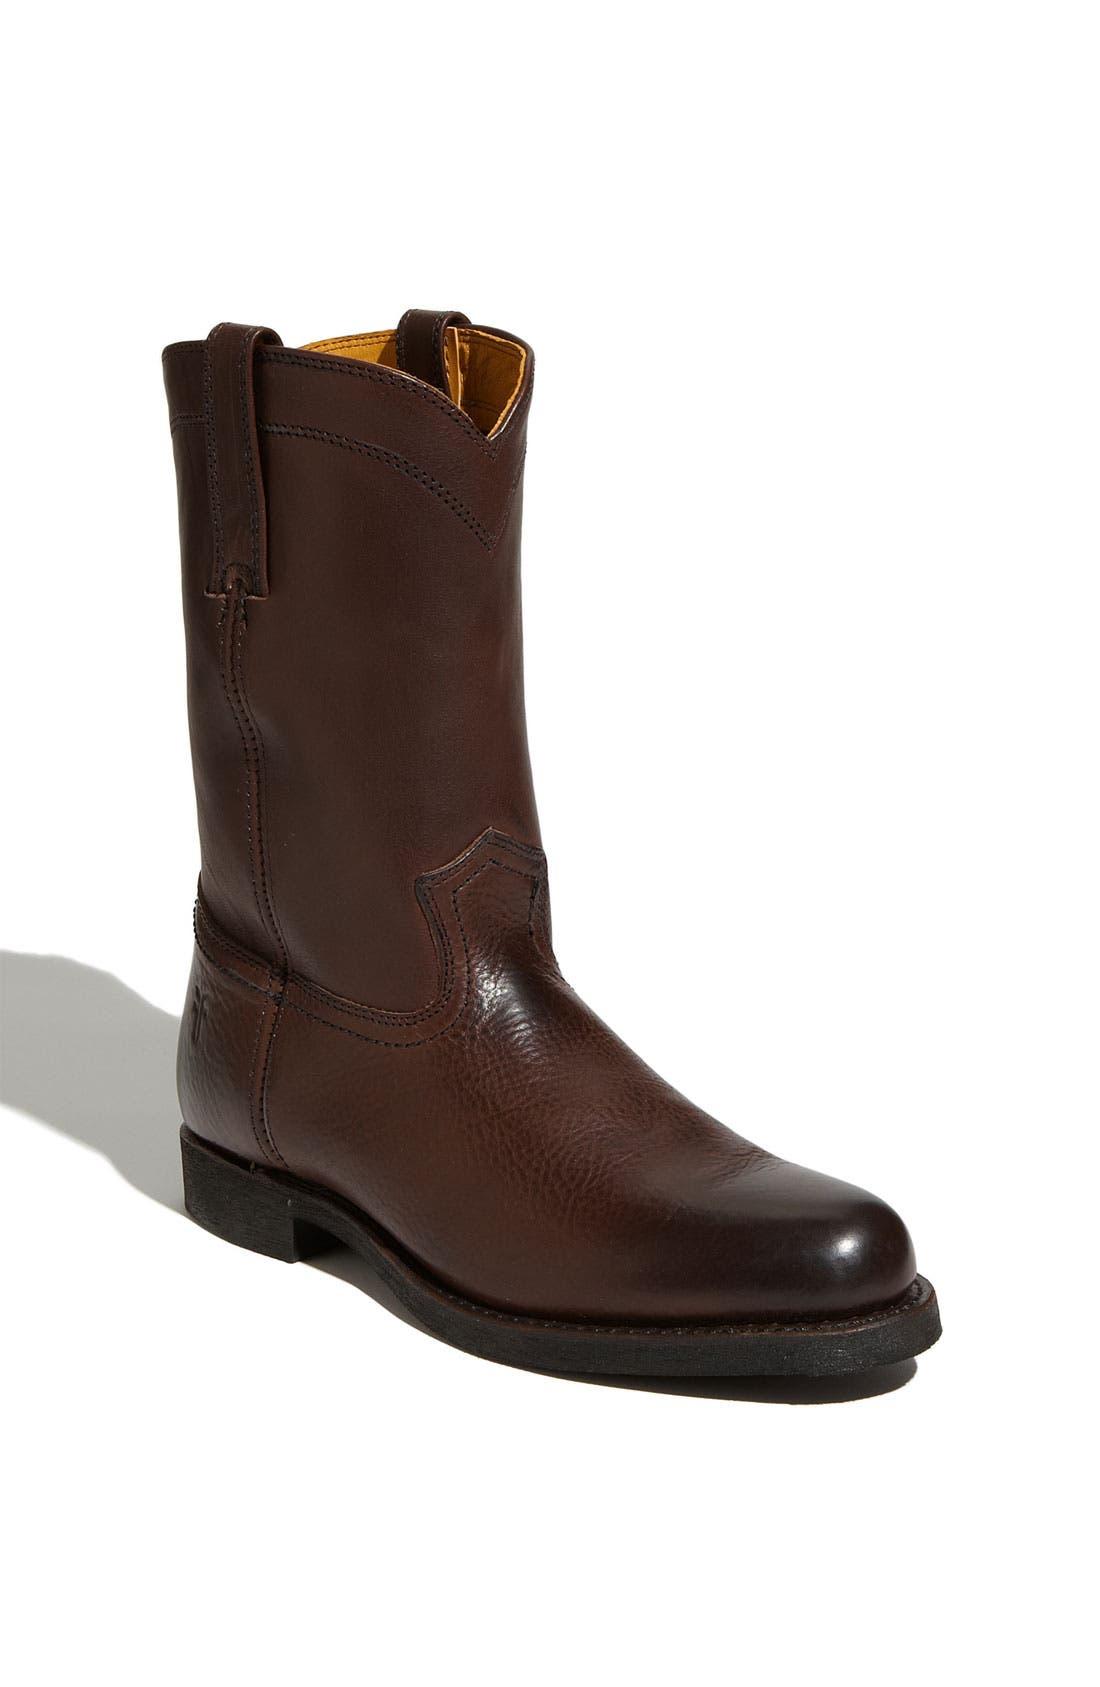 Main Image - Frye 'Roper' Boot